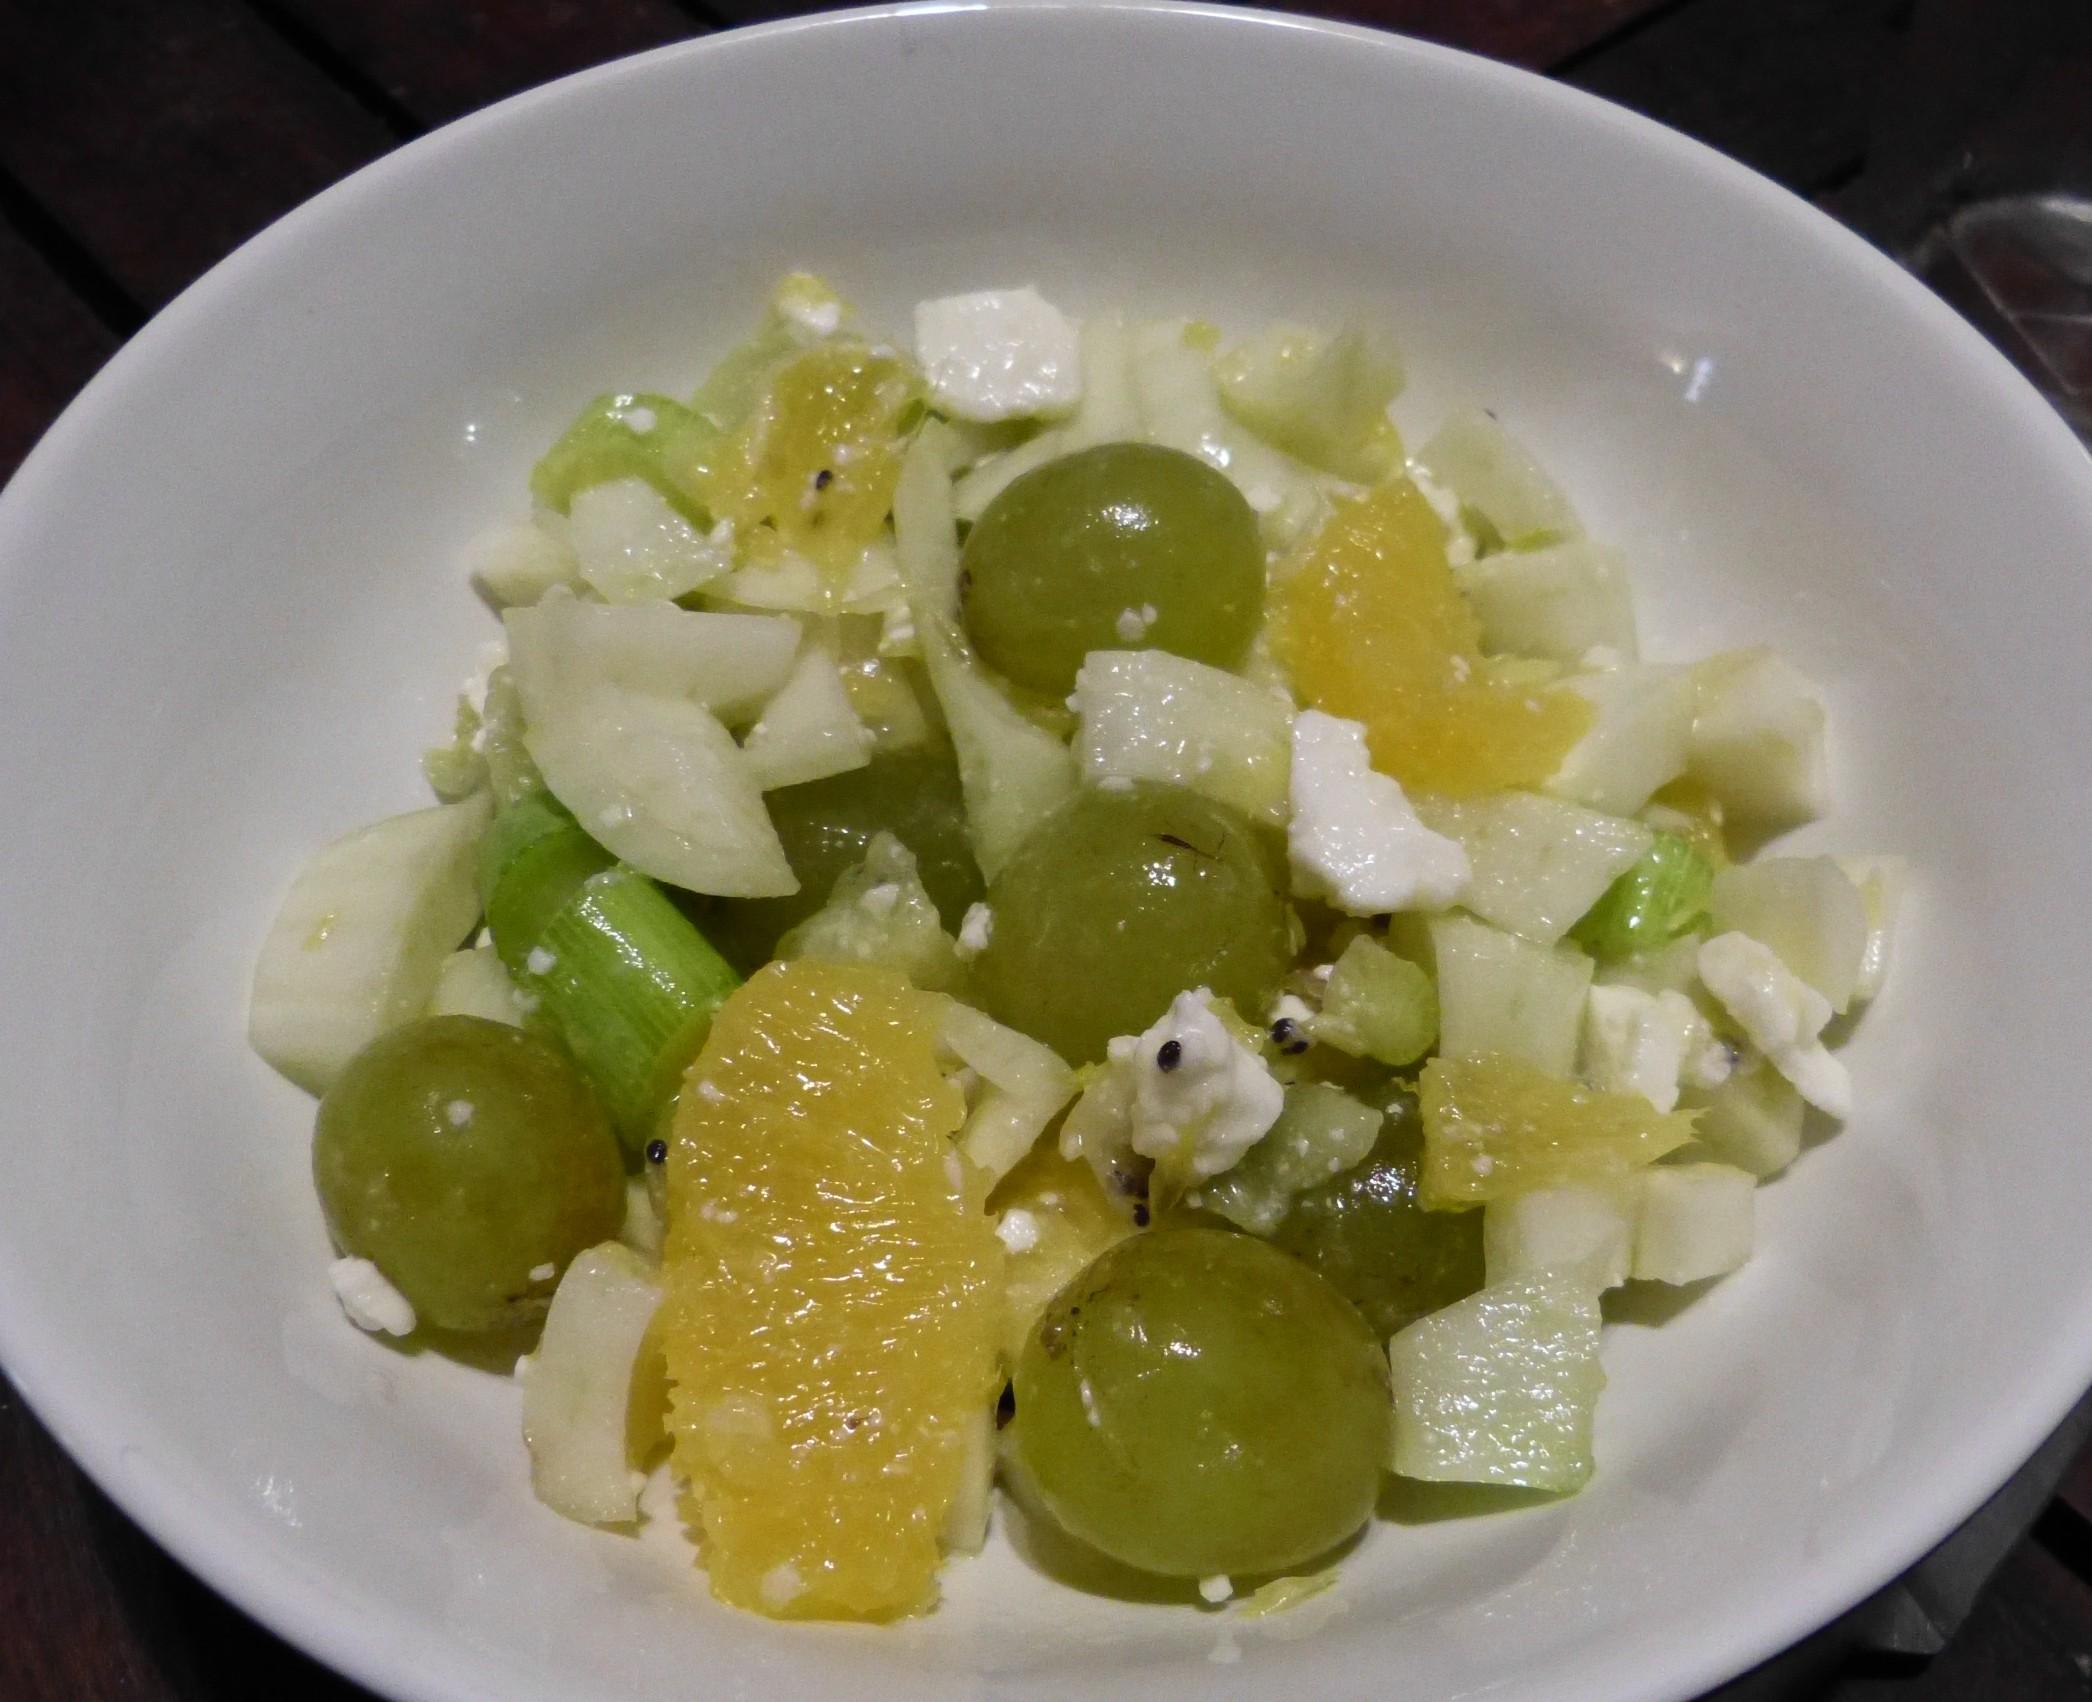 Une salade de fenouil, fruits et feta originale